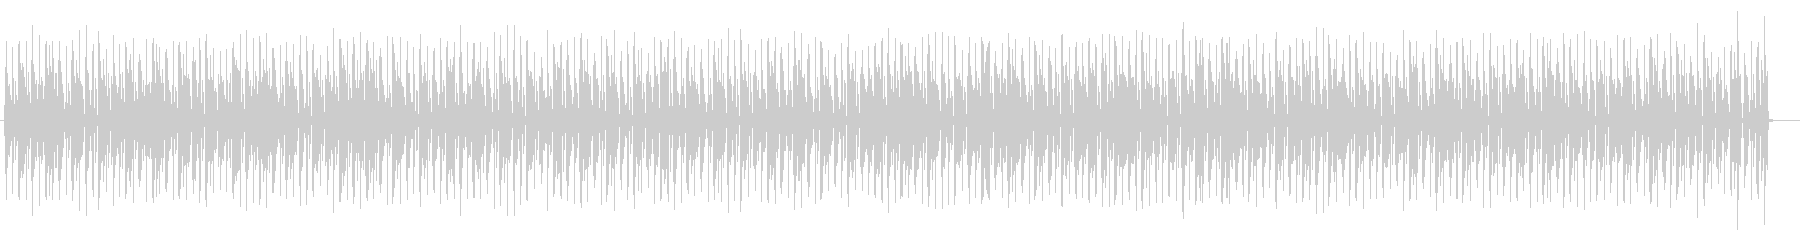 シックでベースが印象的なポップスの未再生の波形